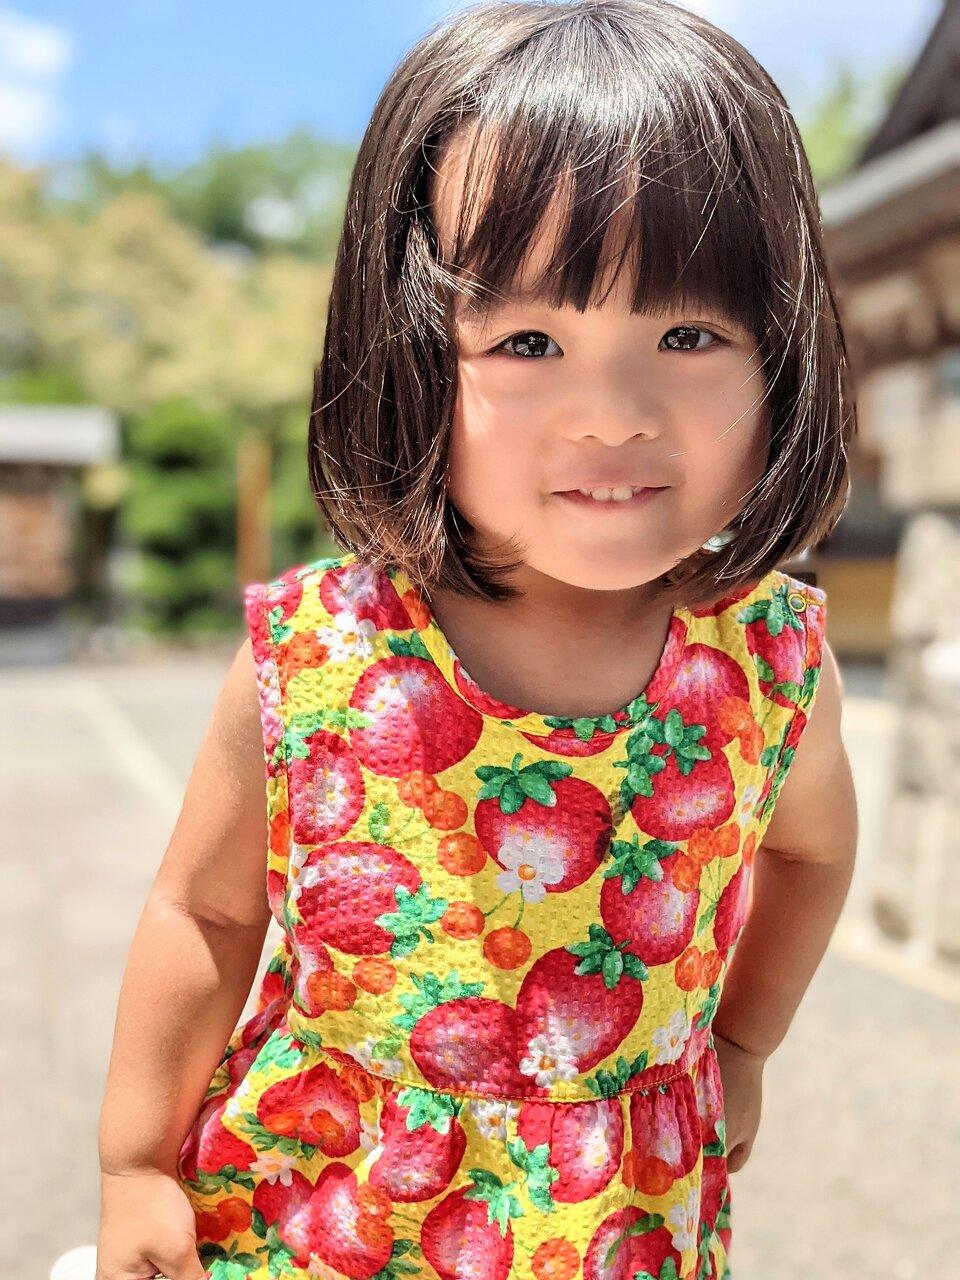 """スマホで撮った2歳児のポートレート。<br> <small class=""""font-small"""">撮影:Raria</small>"""